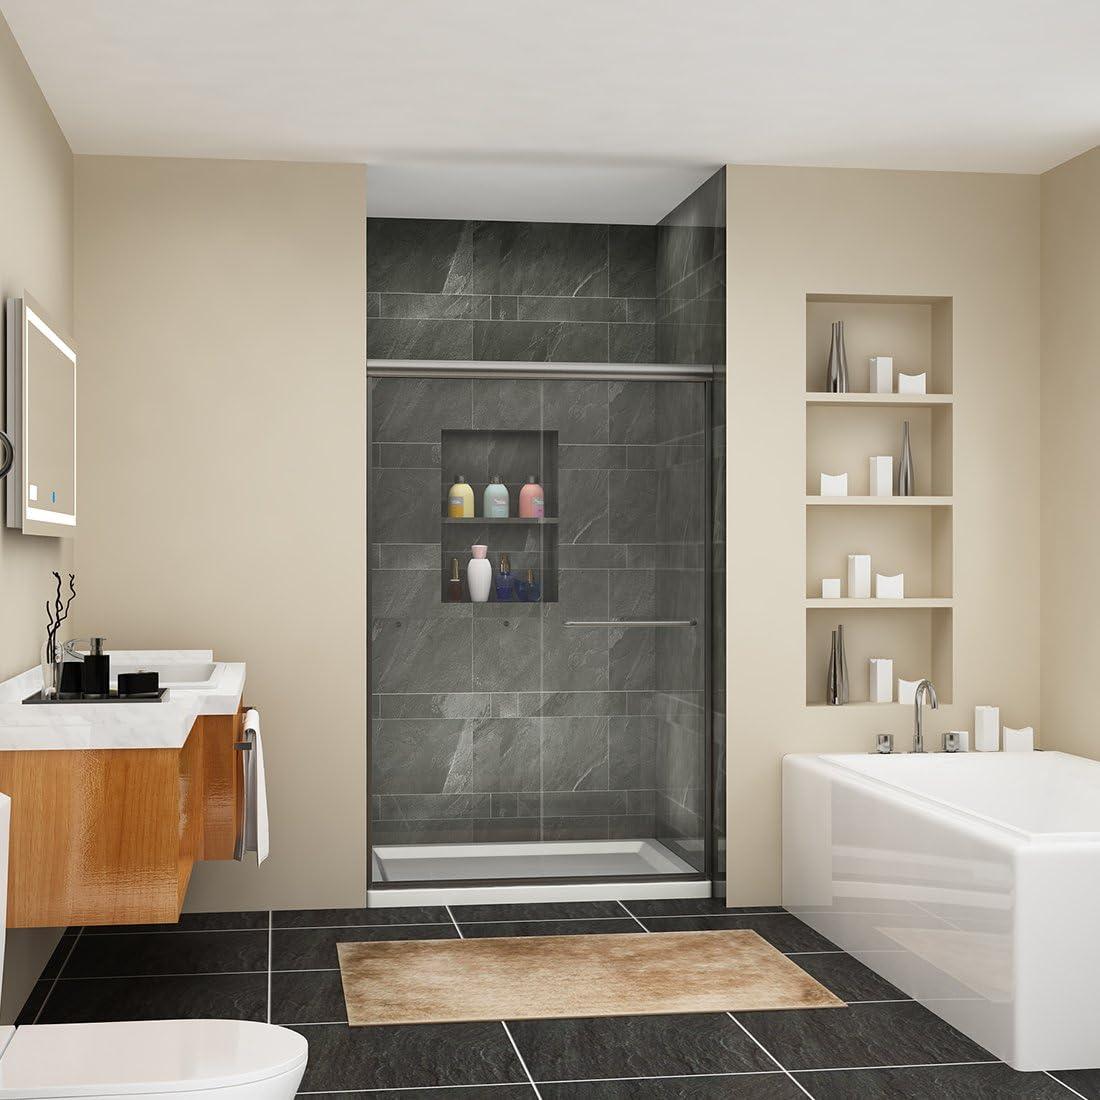 SUNNY ducha nuevo 2 sin marco deslizante ducha puertas. 44